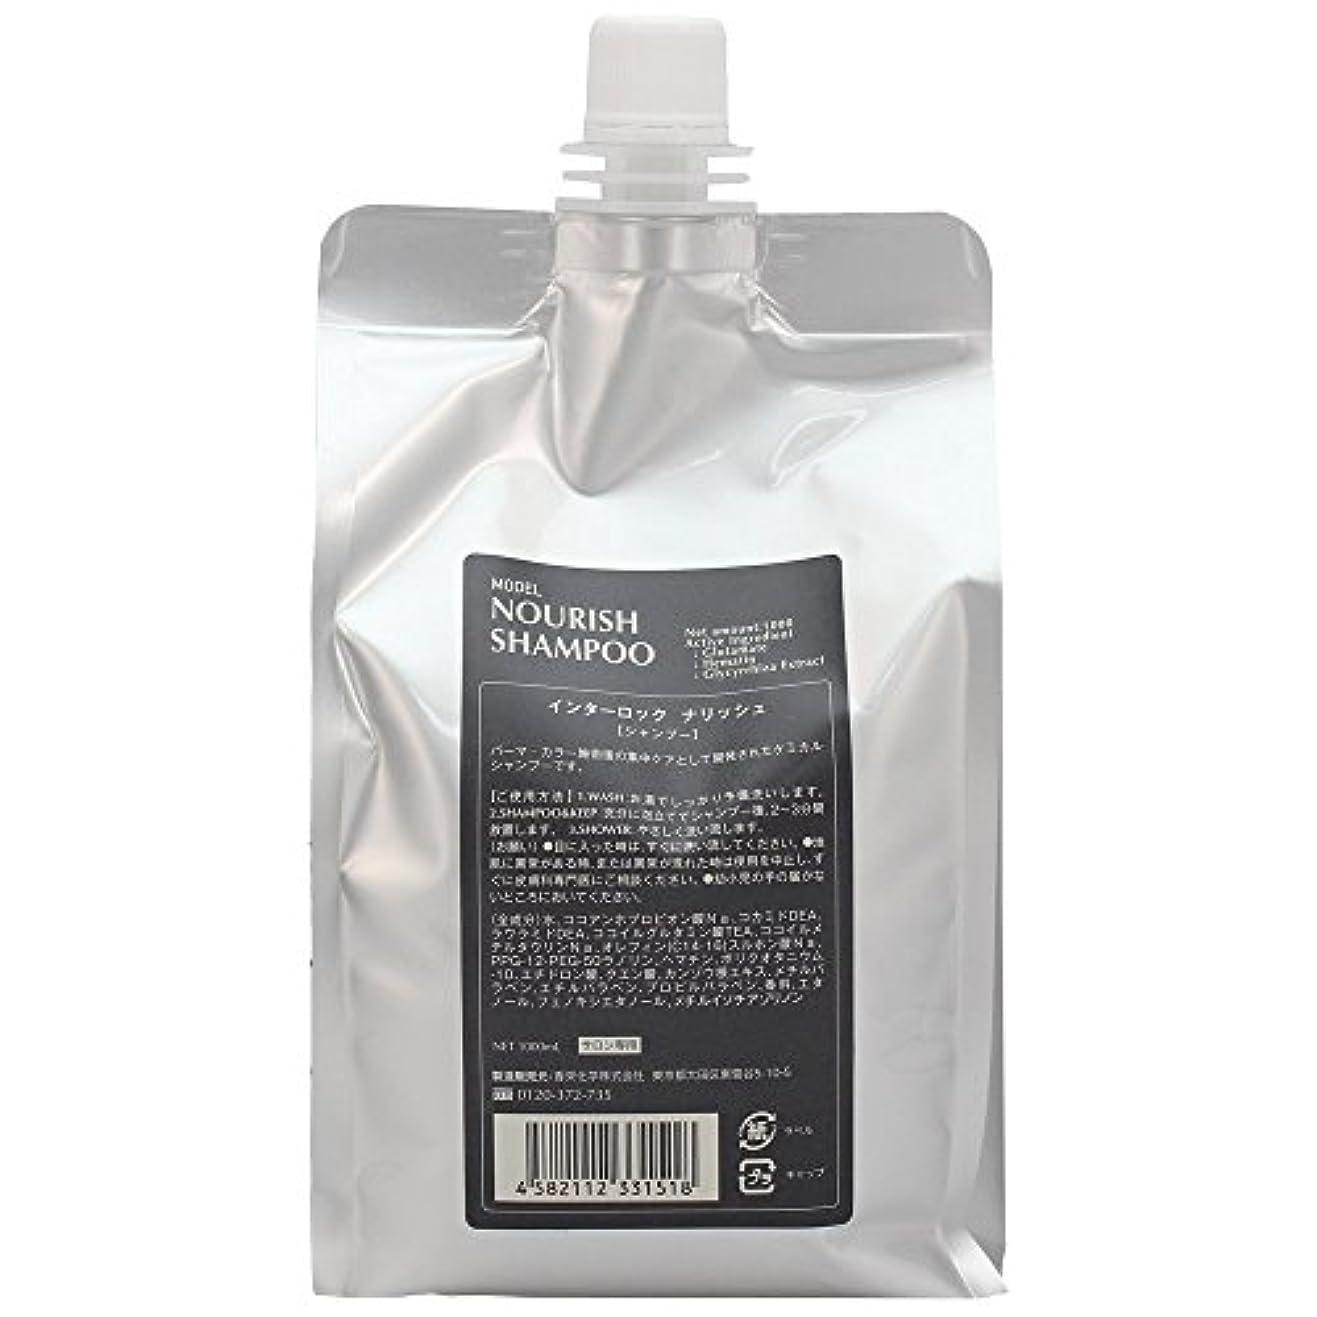 市の中心部悪化する六分儀香栄化学 ナリッシュシャンプー レフィル 1000ml